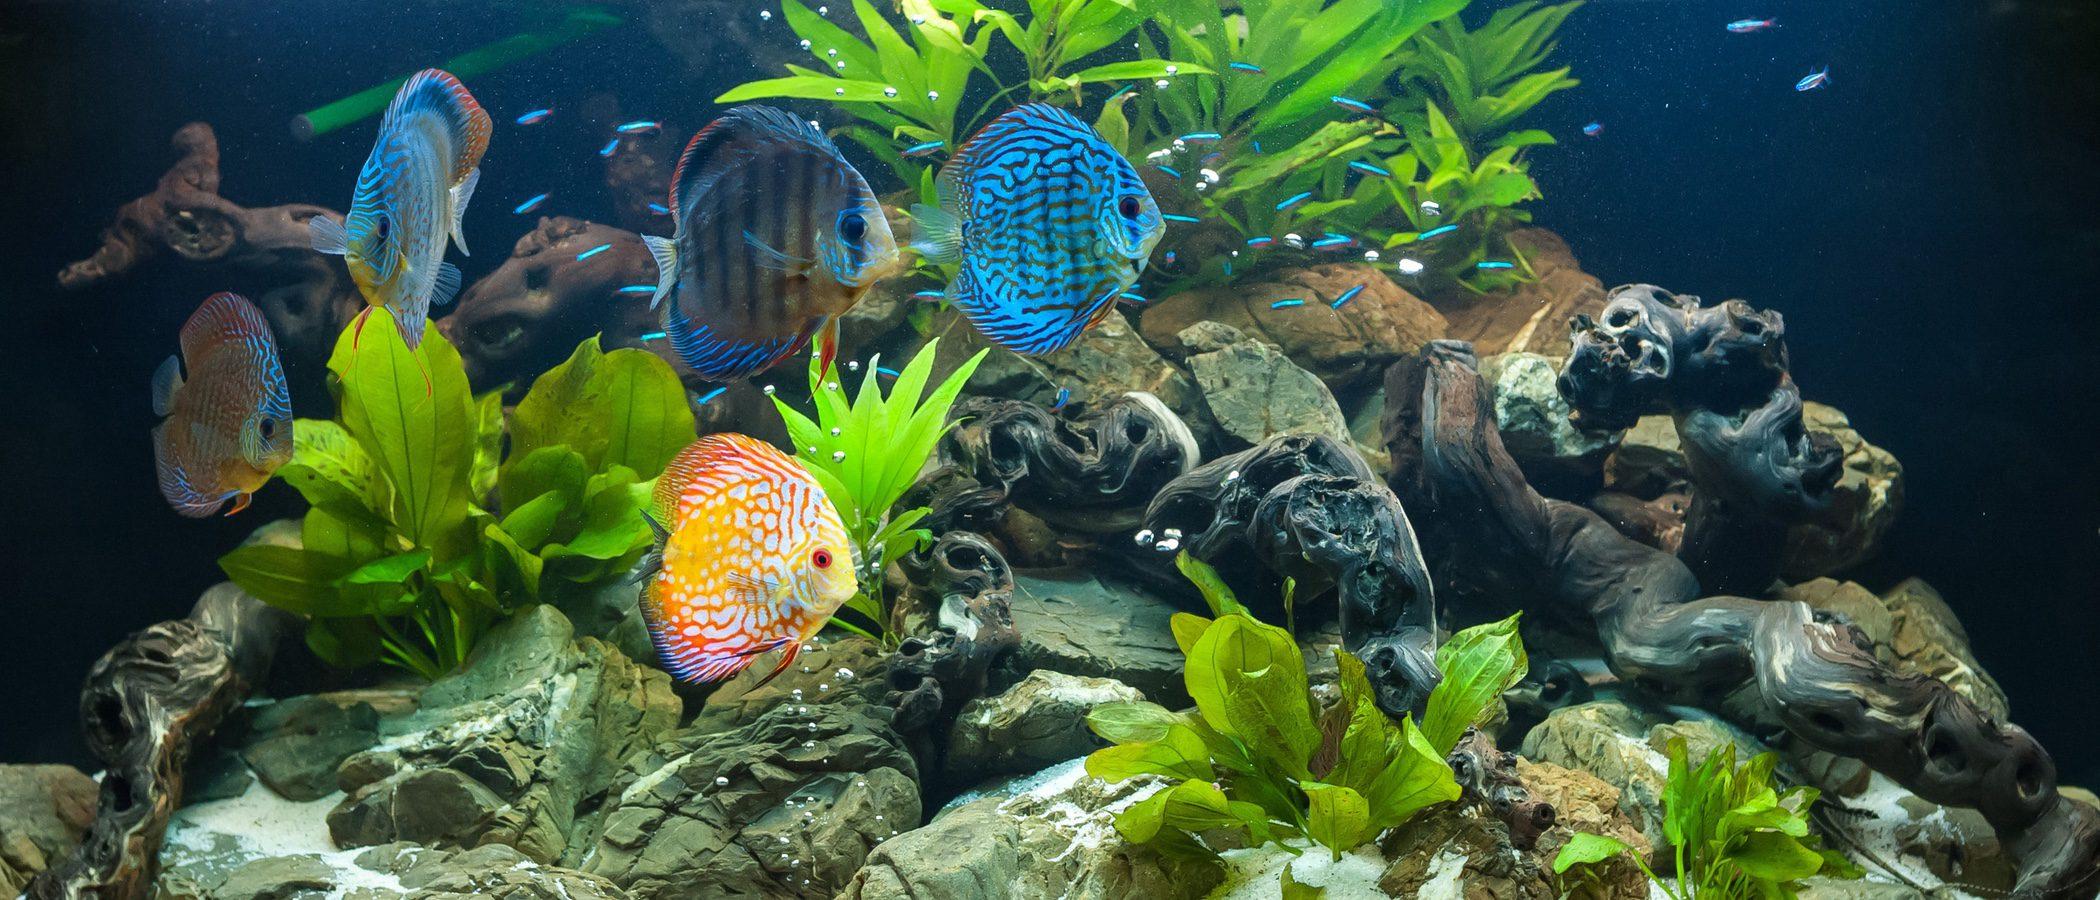 Limpieza del acuario: consejos básicos